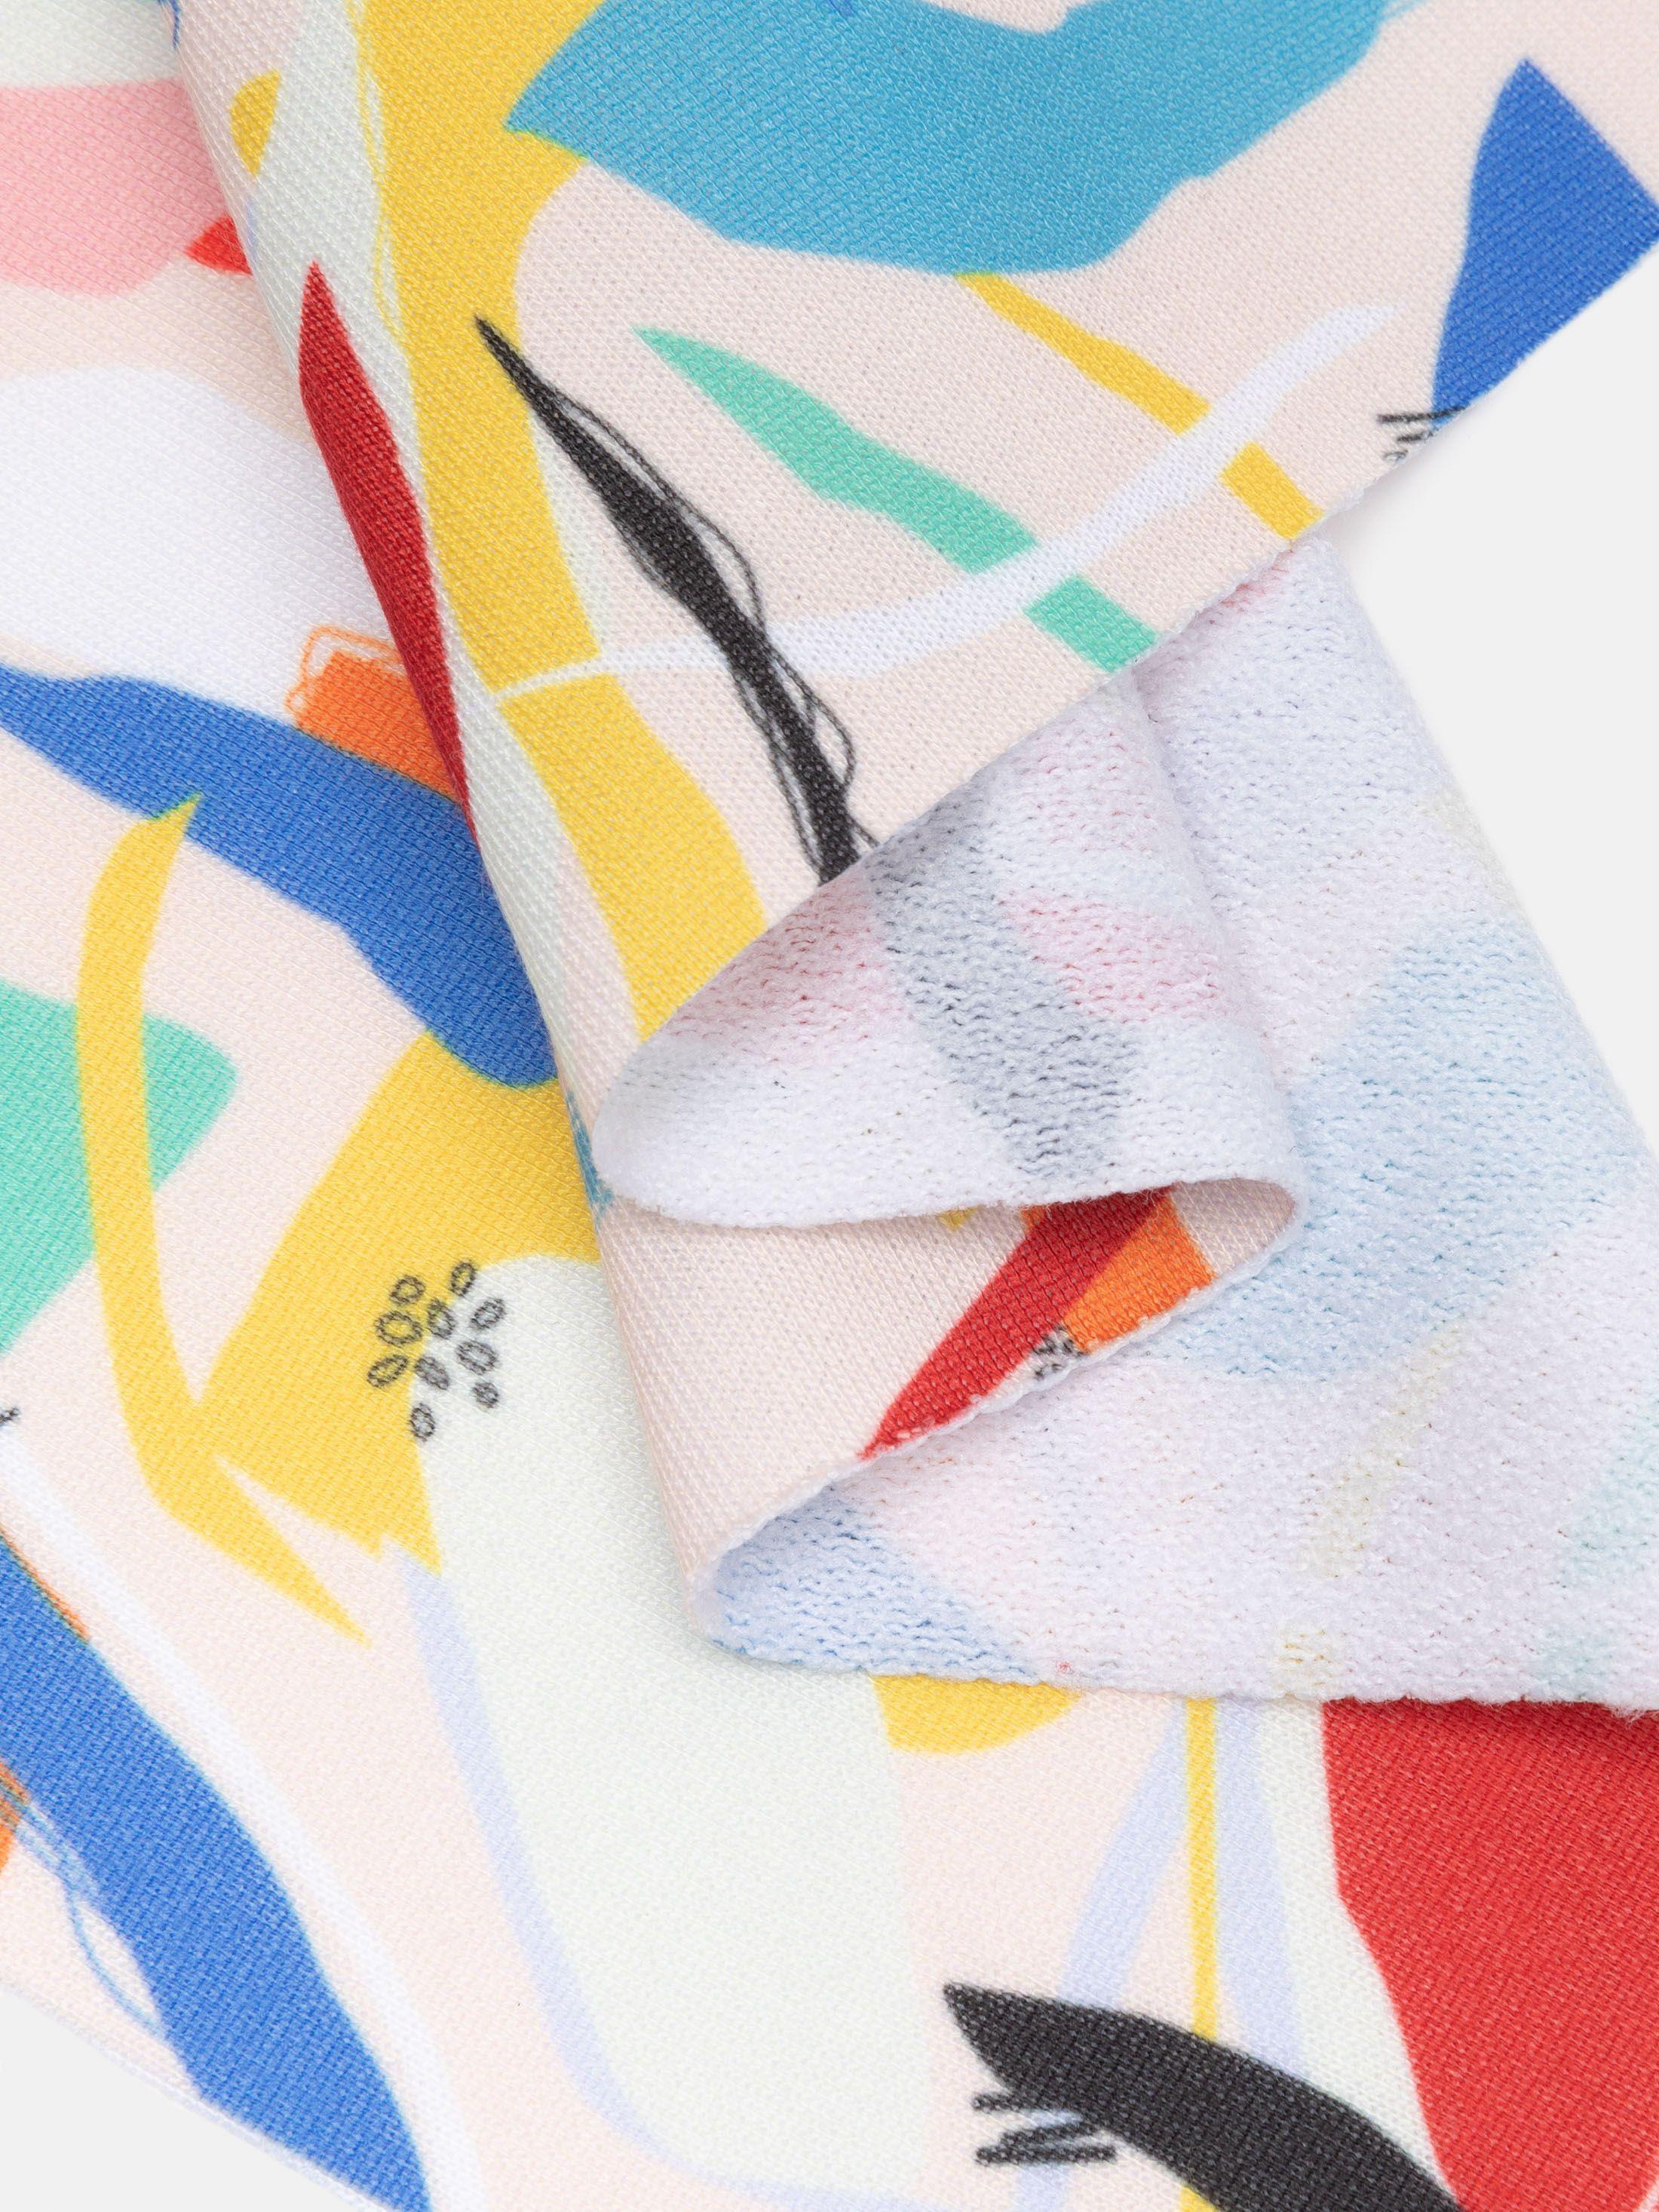 Diseñar telas sudadera por metros